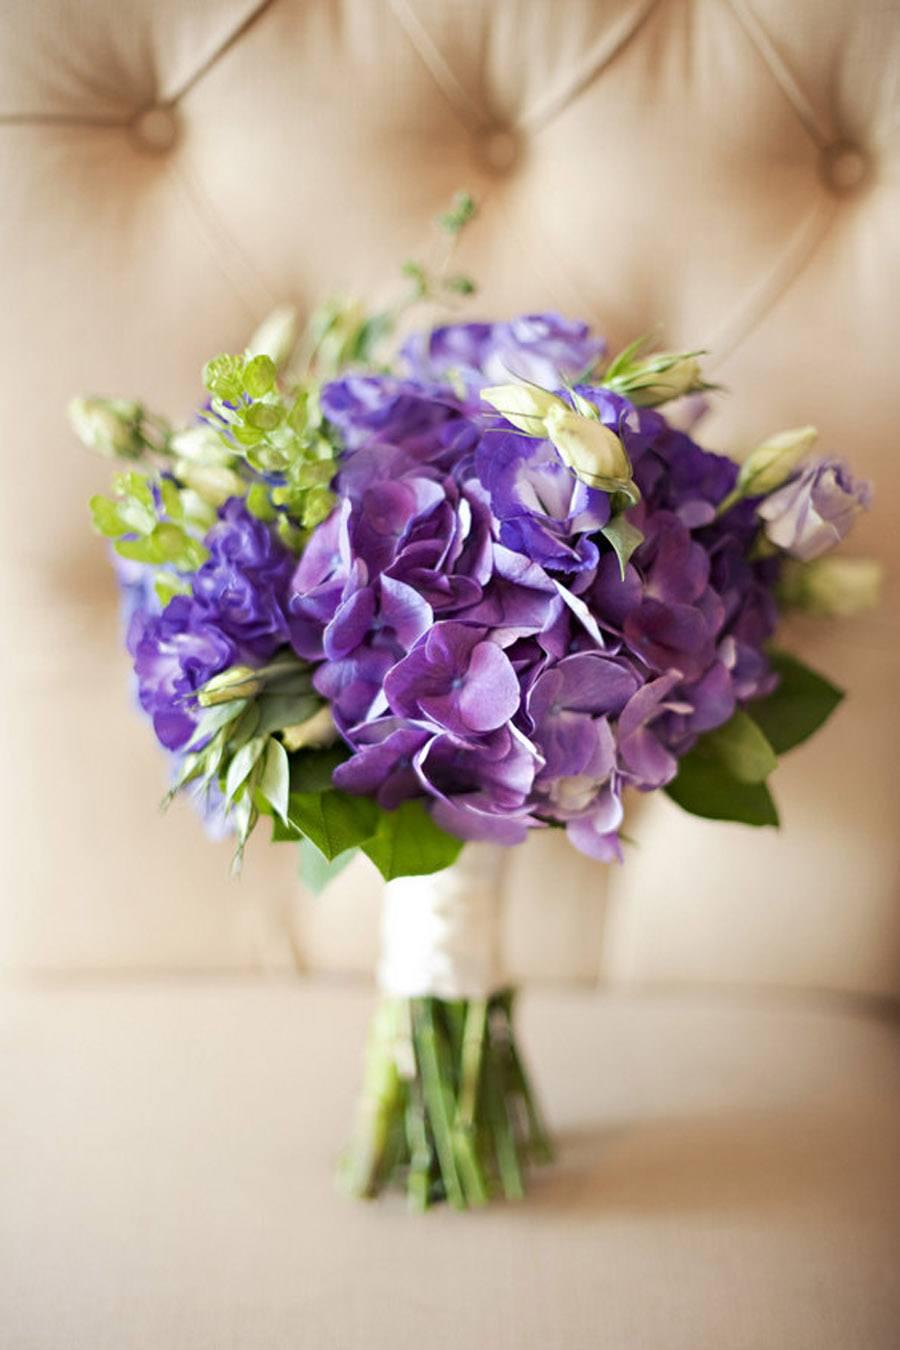 UN RAMITO DE VIOLETAS violetas_5_900x1350